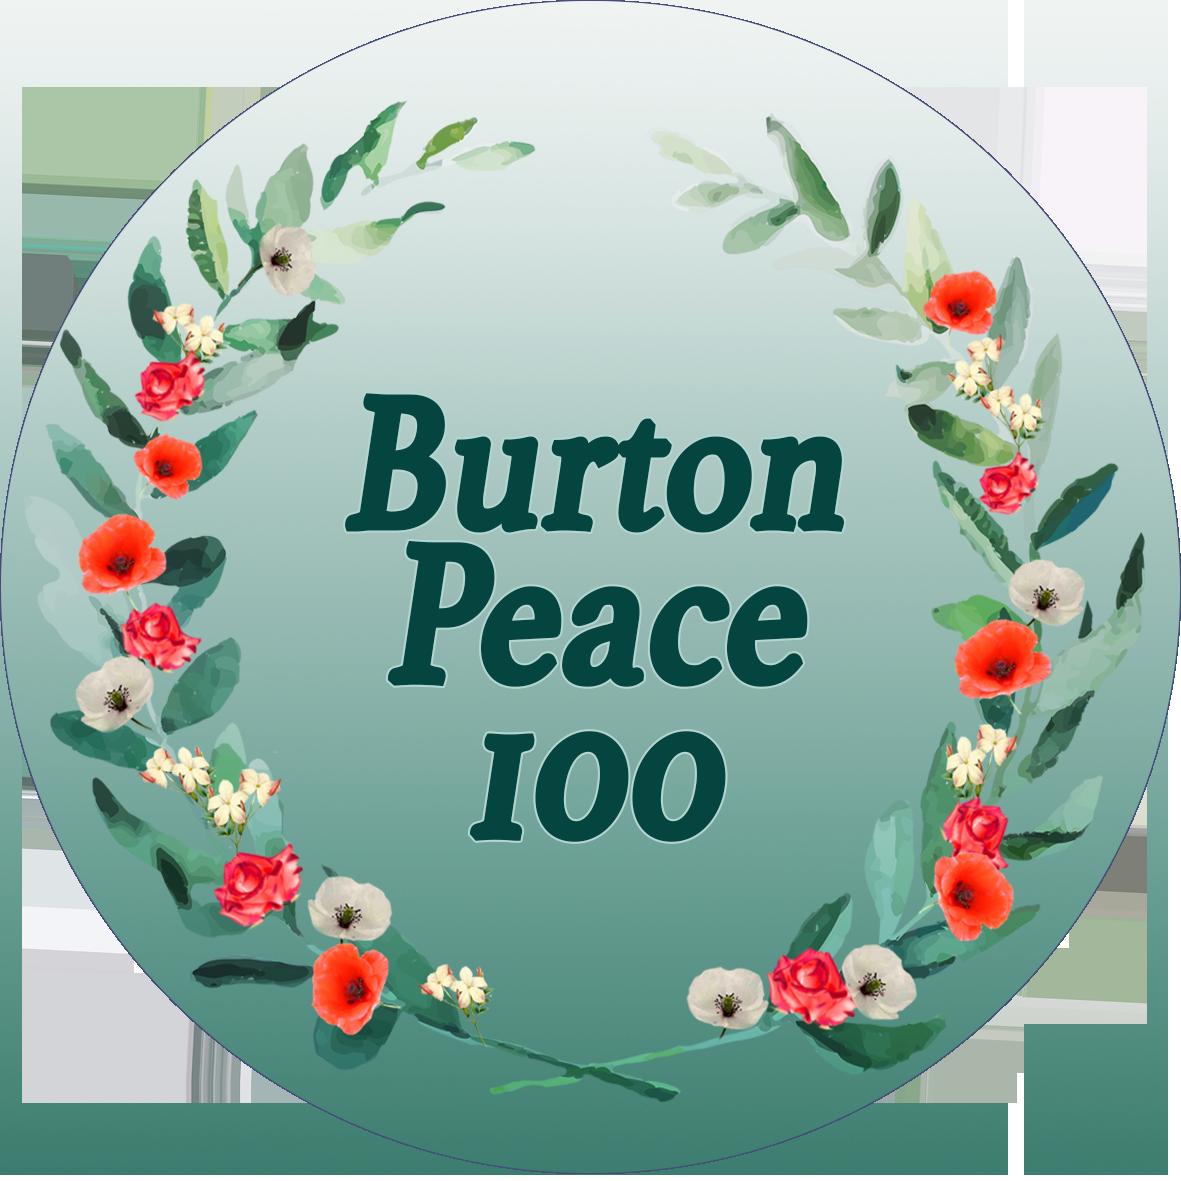 Burton Peace 100